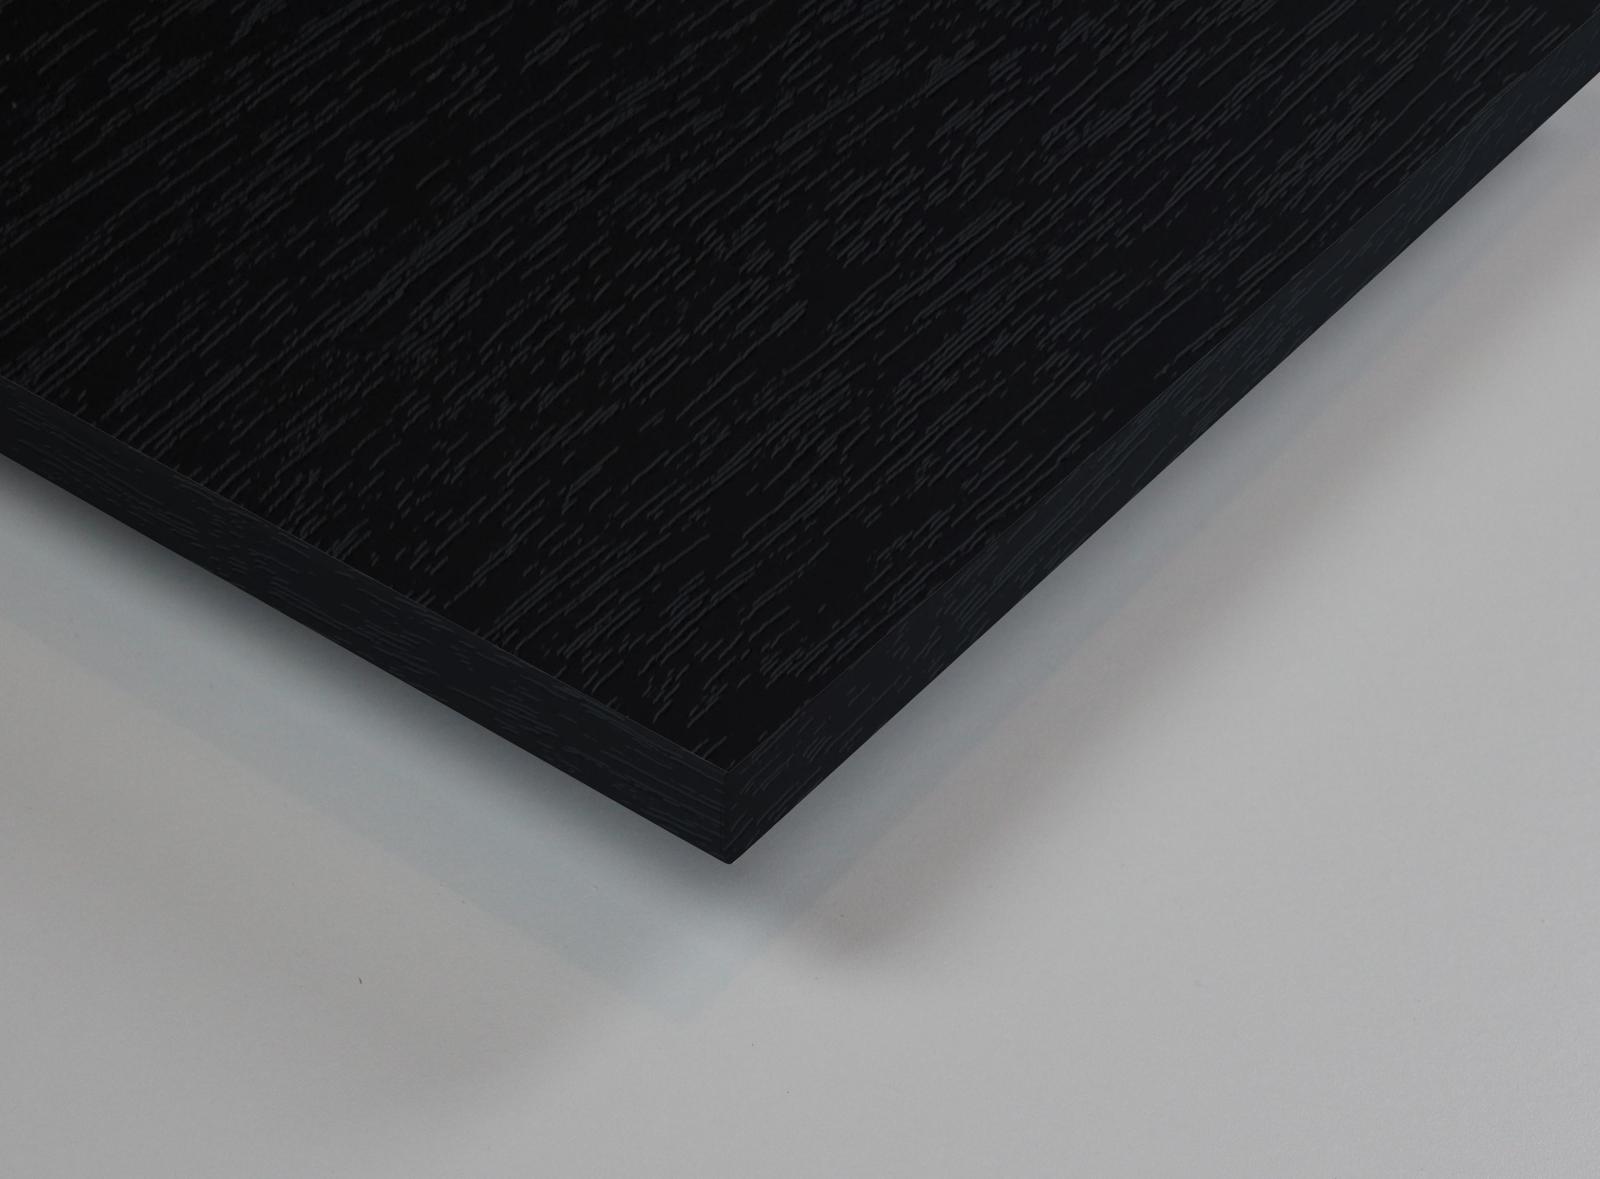 dekorholz schwarz feinpore mat t holzzuschnitt. Black Bedroom Furniture Sets. Home Design Ideas